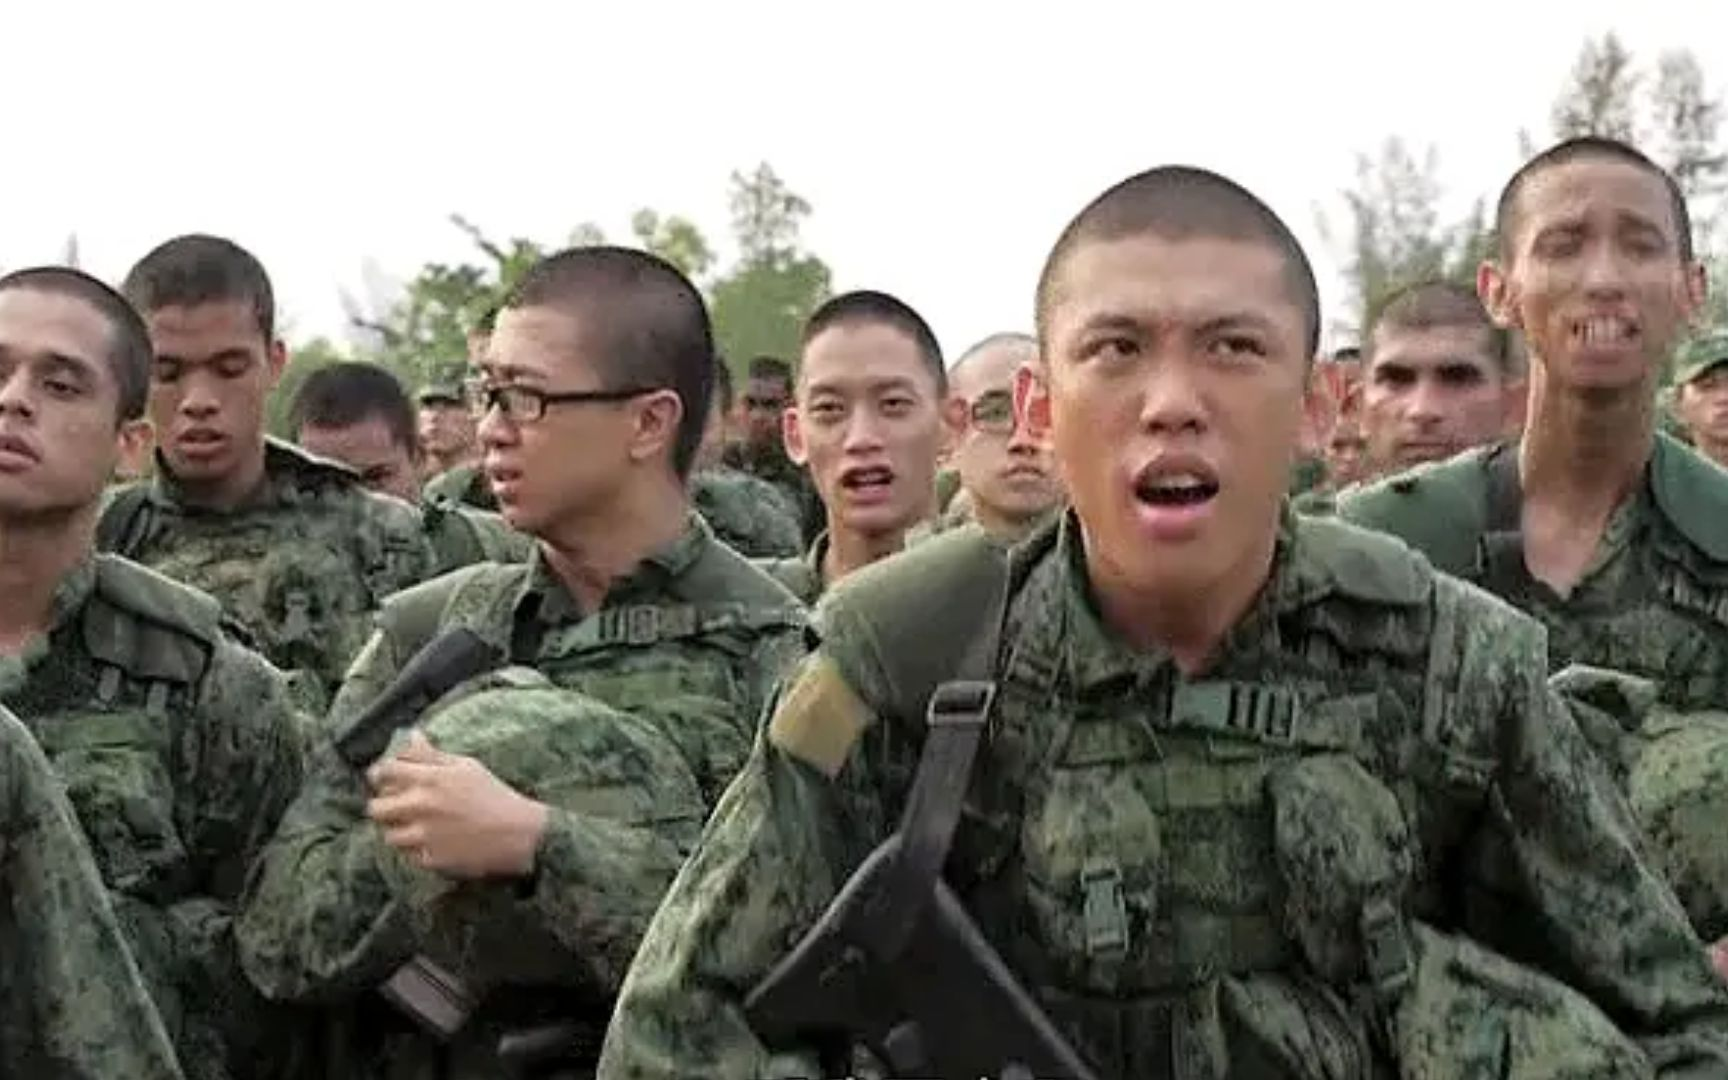 新兵正传新兵训练全过程:又苦又累,但没有人后悔《新兵正传2》景珊